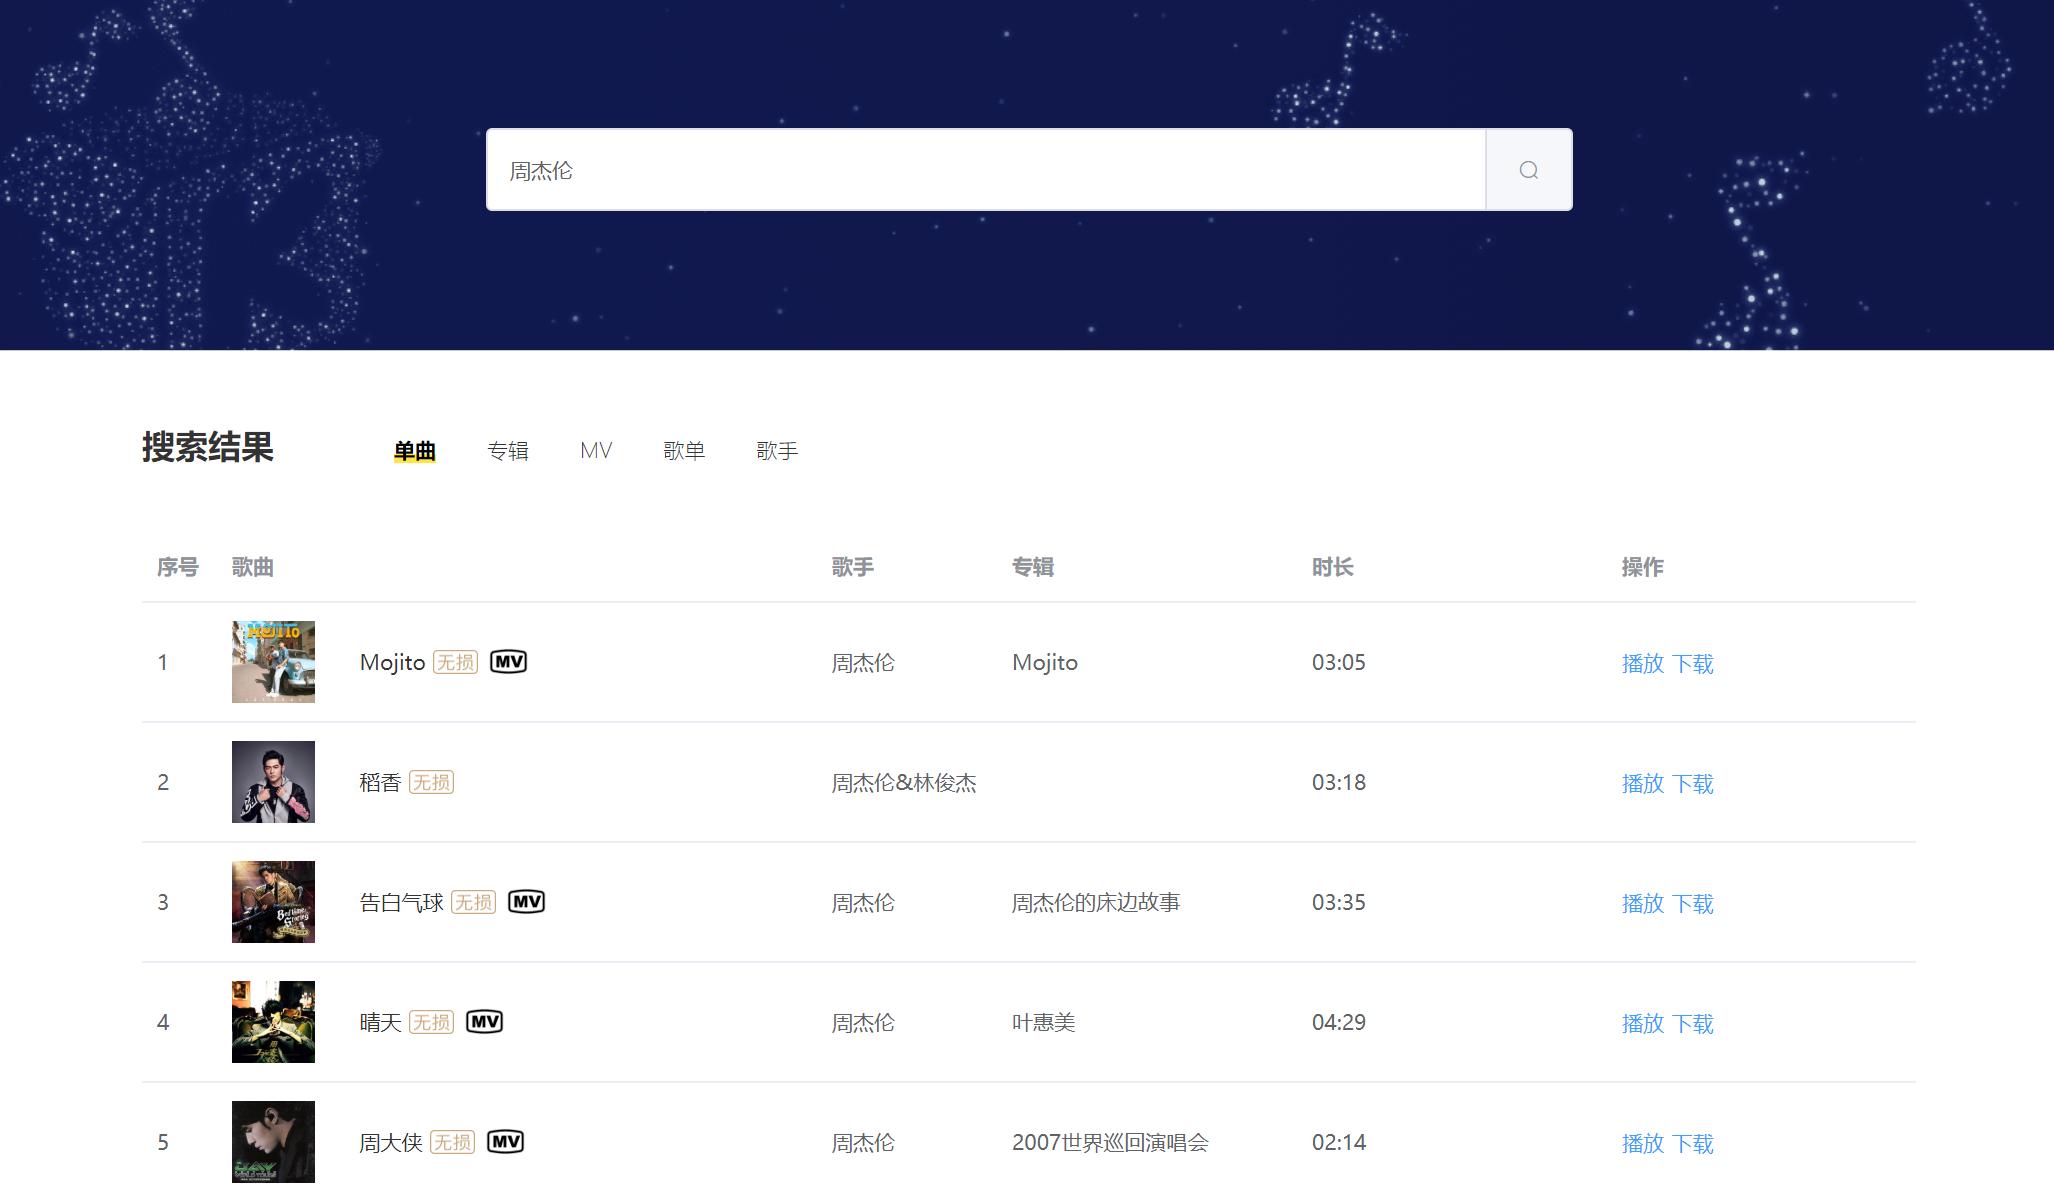 音乐下载器 :收罗QQ 网易云 虾米 酷狗音乐!